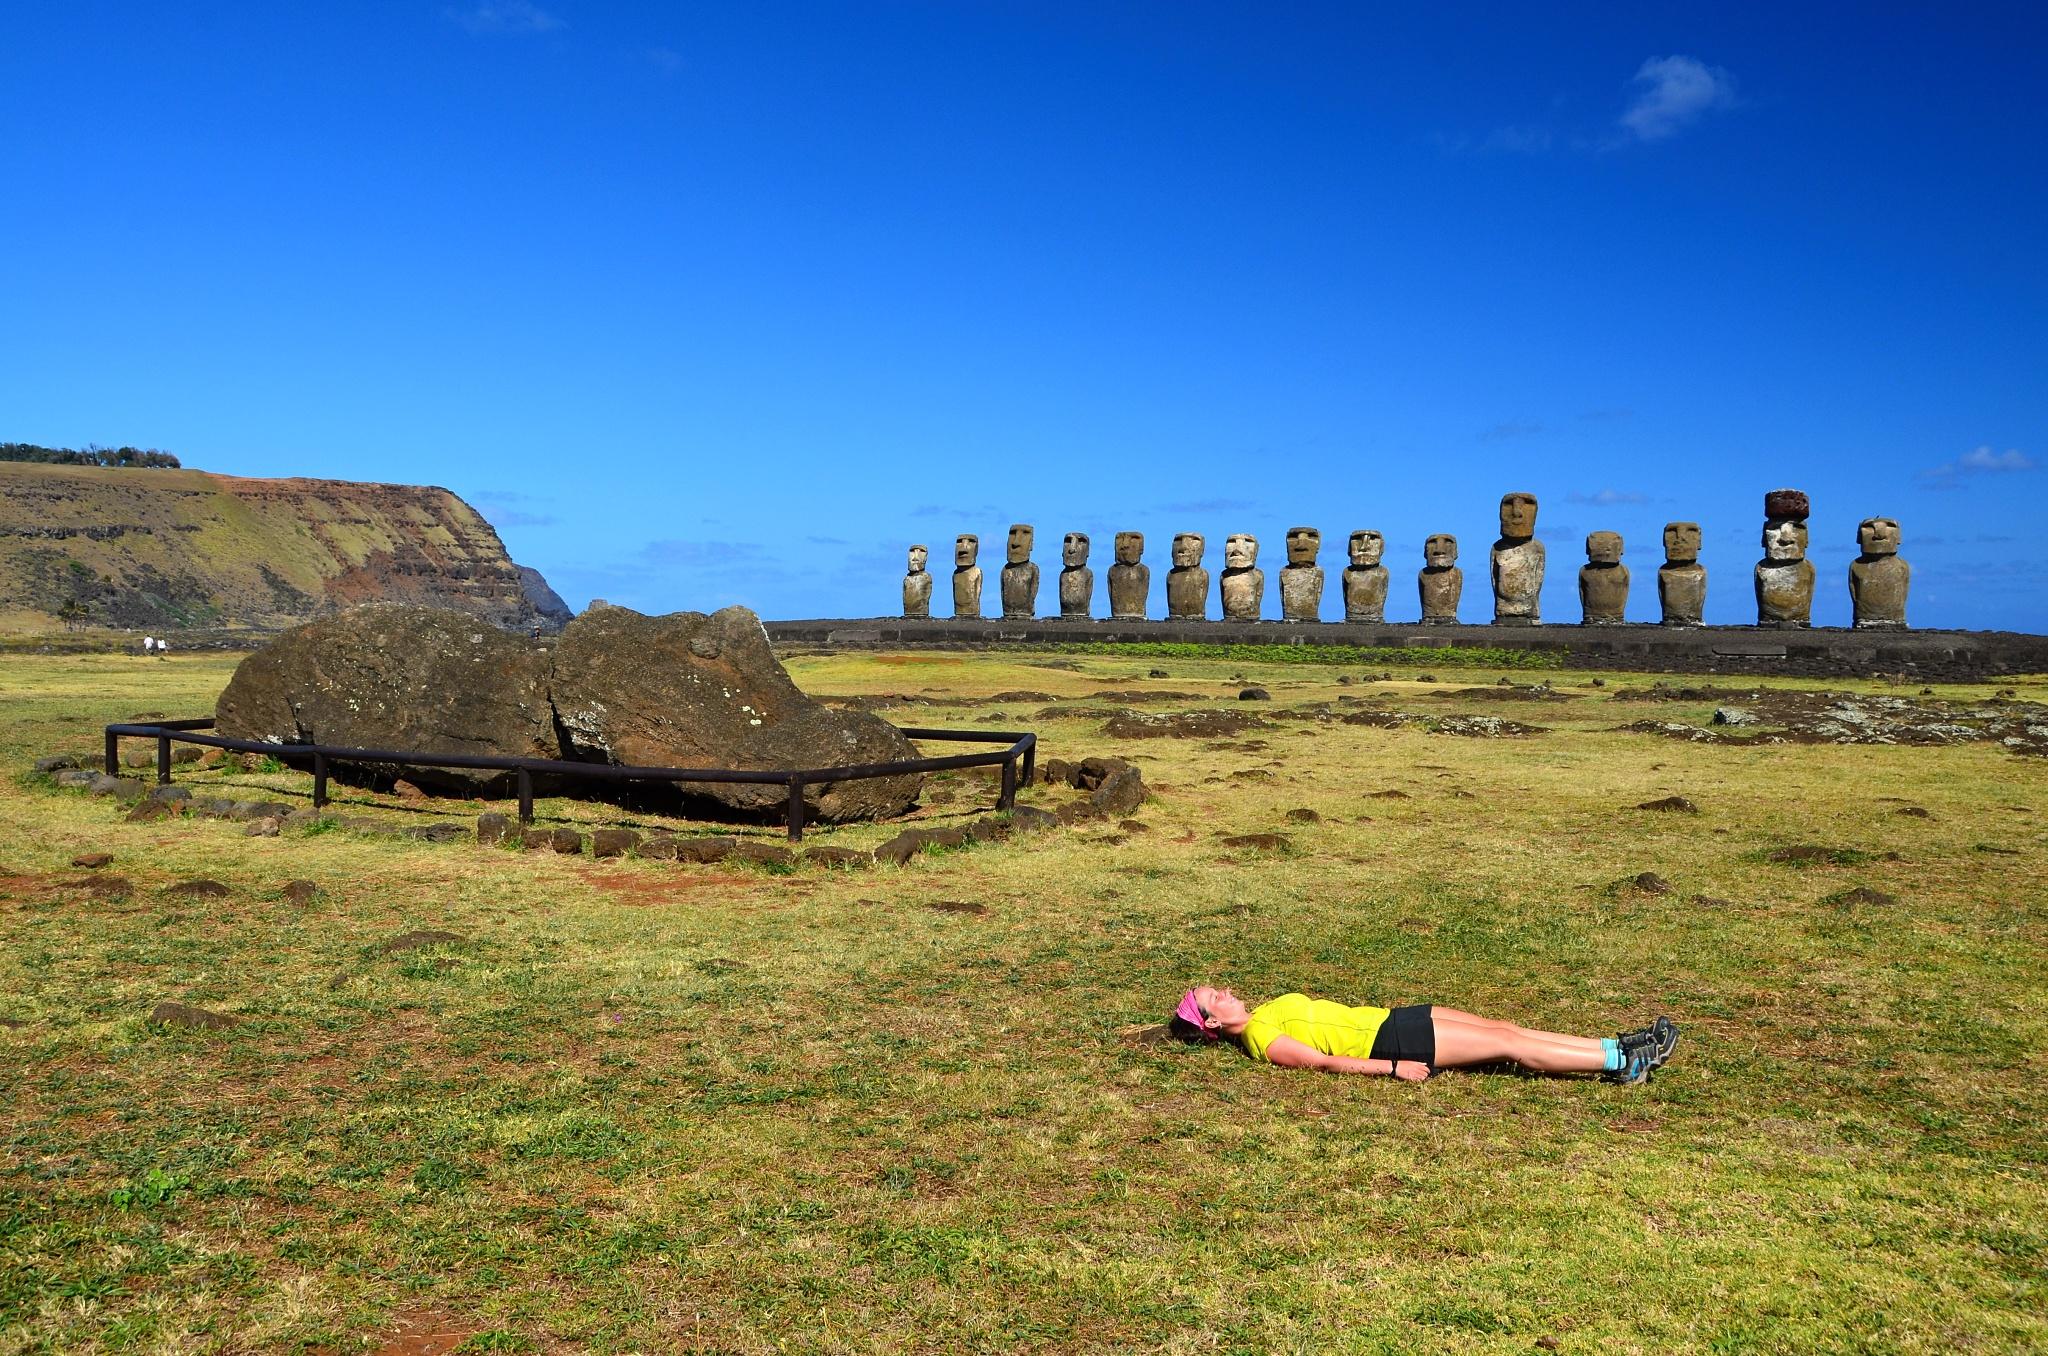 Největší Ahu Tongariki s patnácti Moai, ležící Moai a ležící Hanka